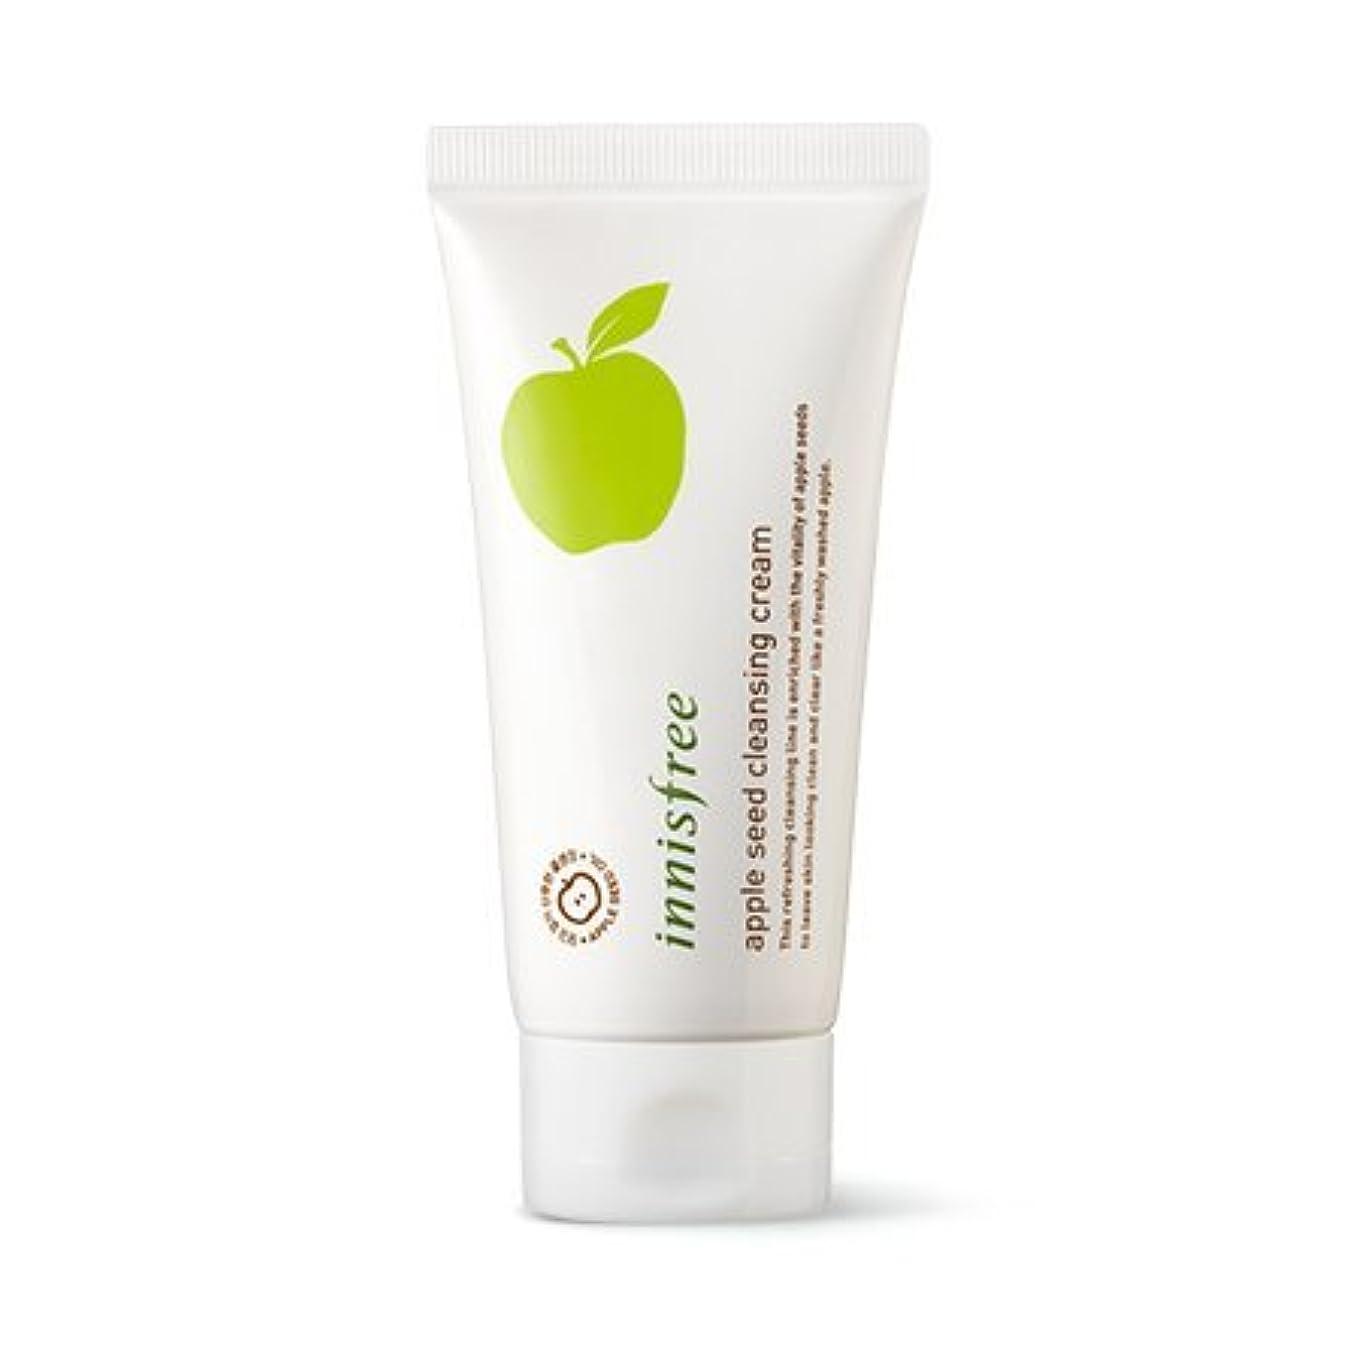 意味する安全不利[New] innisfree Apple Seed Cleansing Cream 150ml/イニスフリー アップル シード クレンジング クリーム 150ml